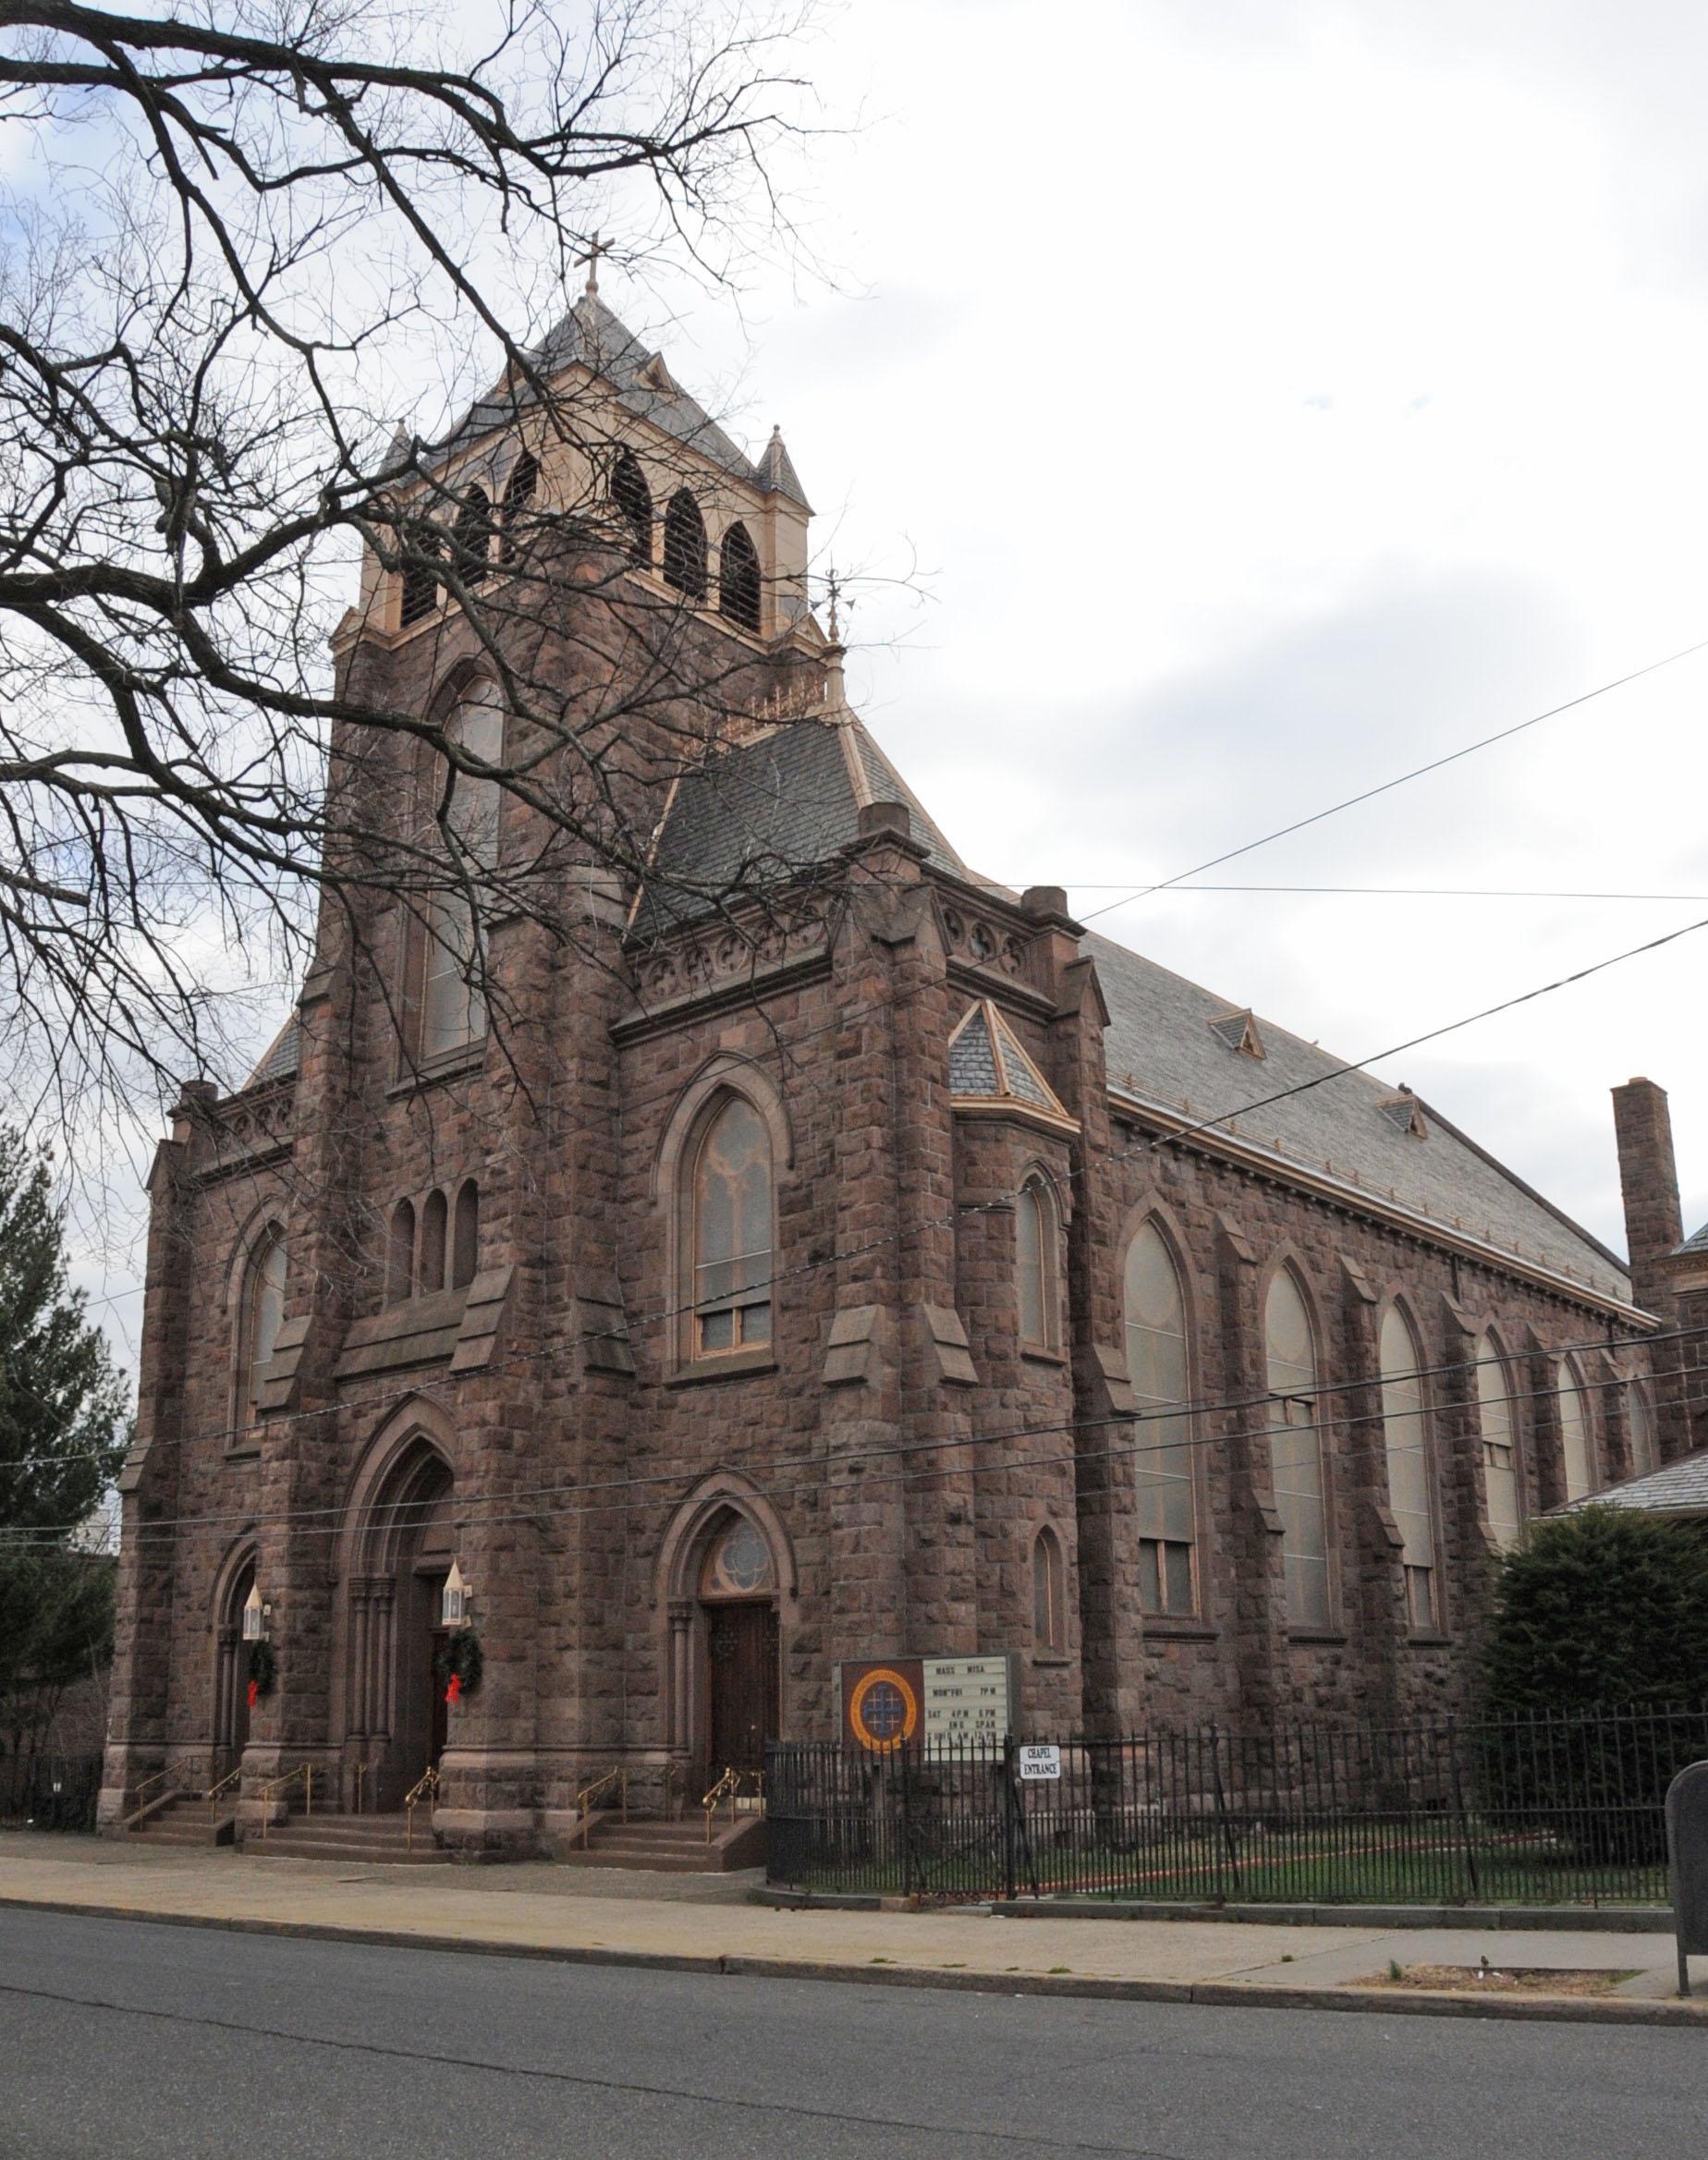 St. Nicholas Catholic Church (Passaic, New Jersey) - Wikipedia